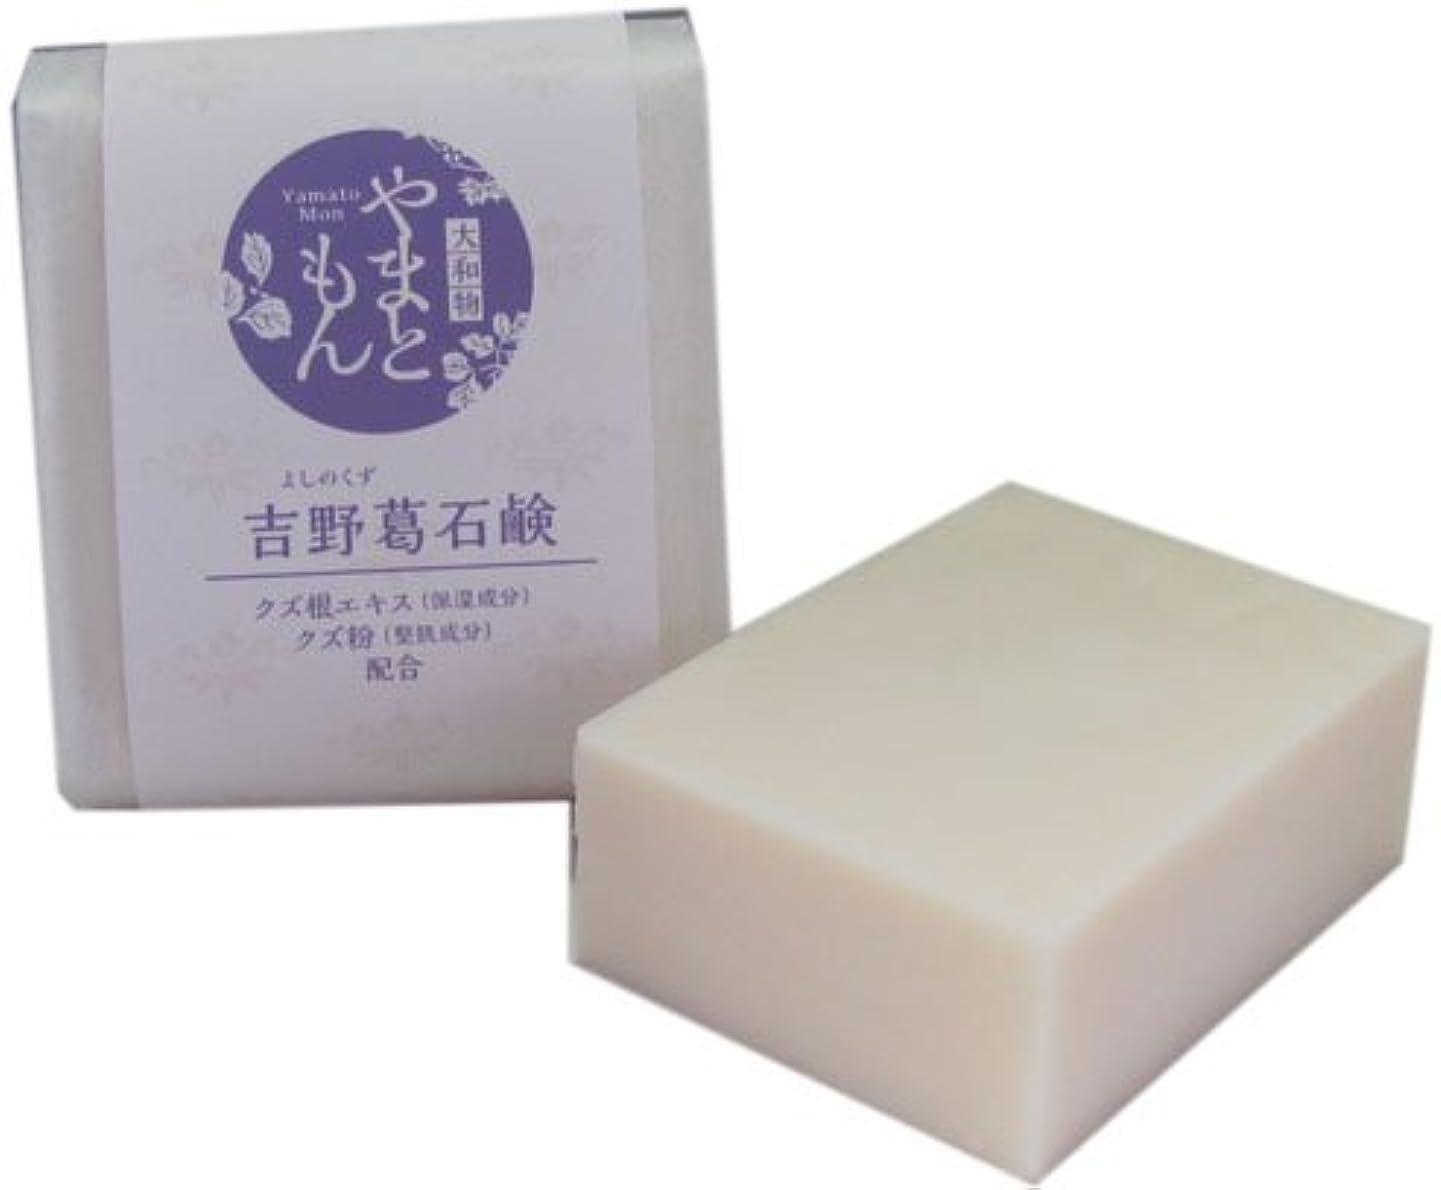 クリークモーテル離れて奈良産和漢生薬エキス使用やまともん化粧品 吉野葛石鹸(よしのくずせっけん)